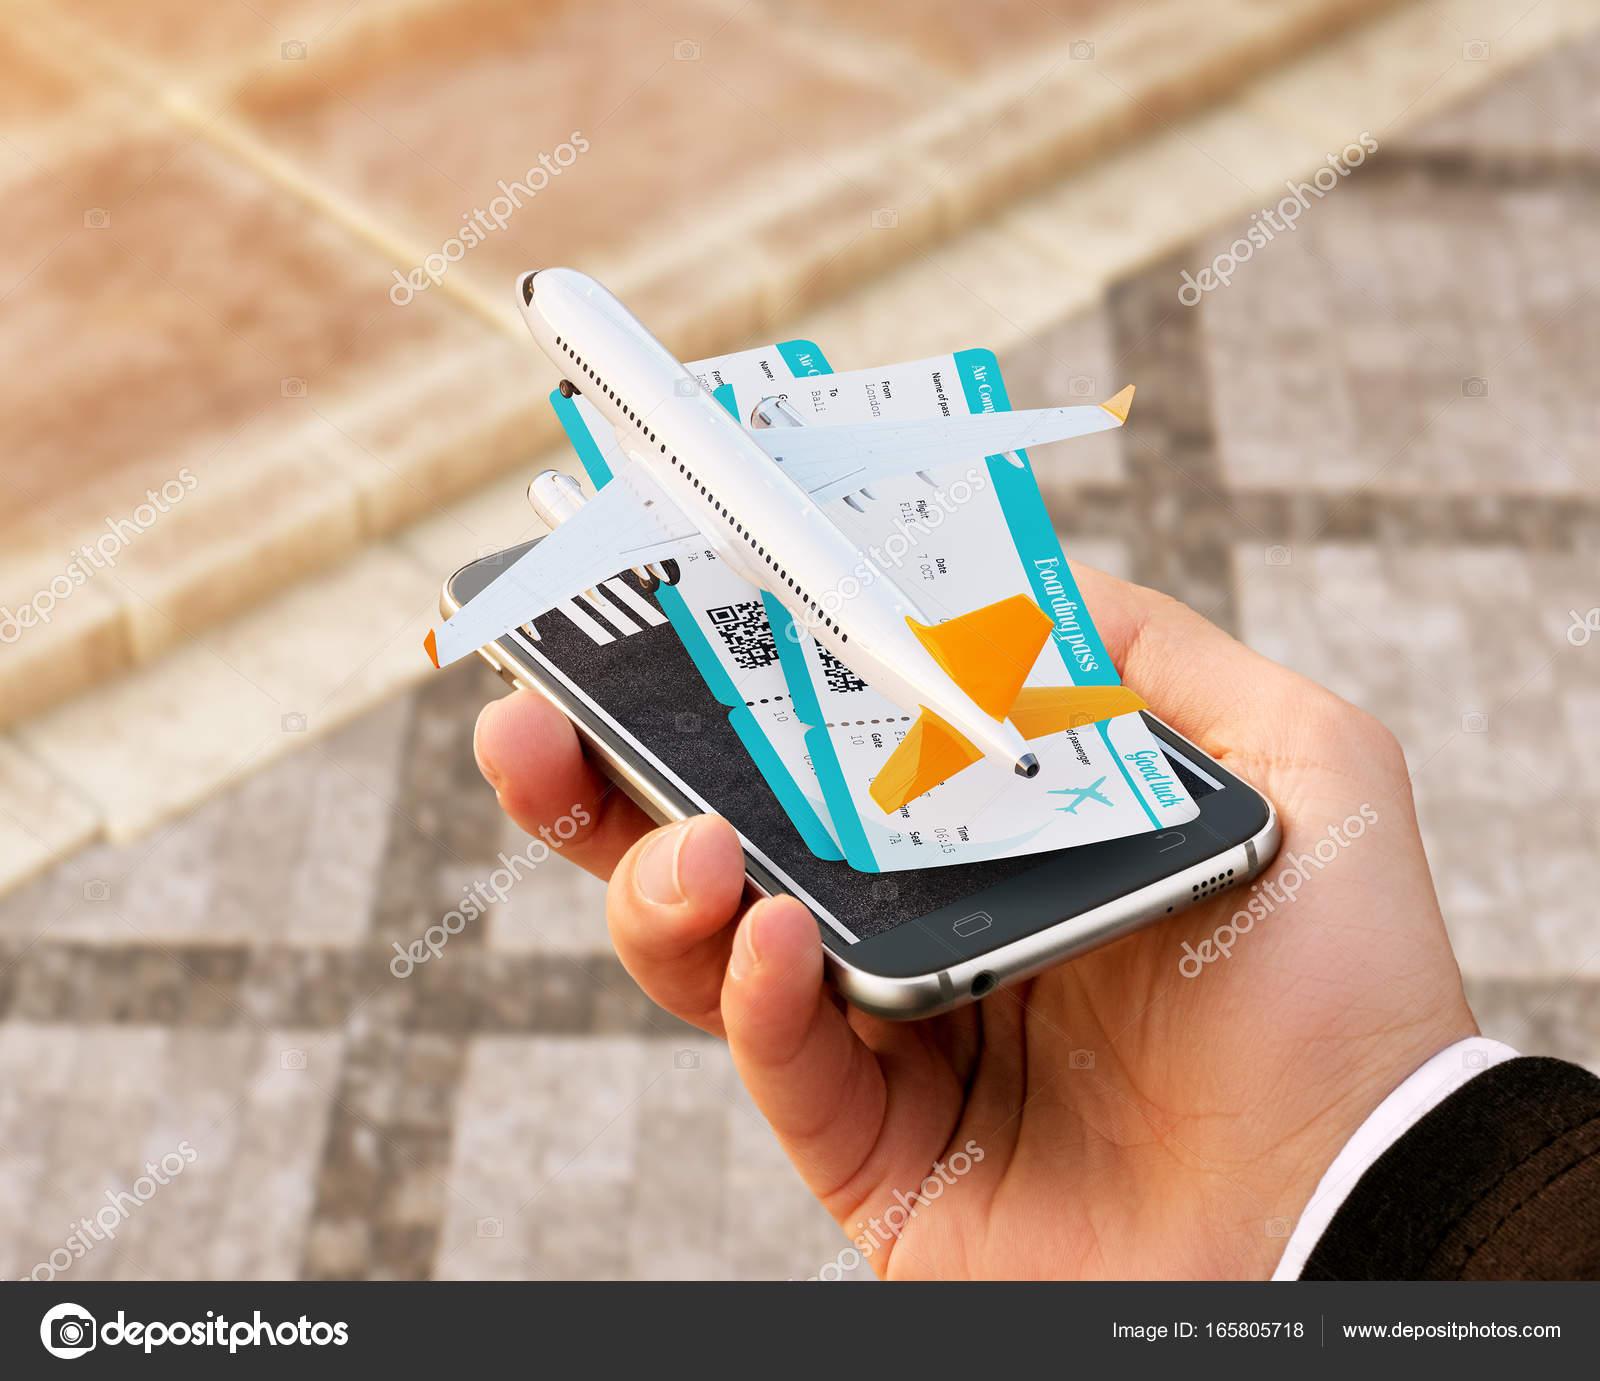 flygning dating app